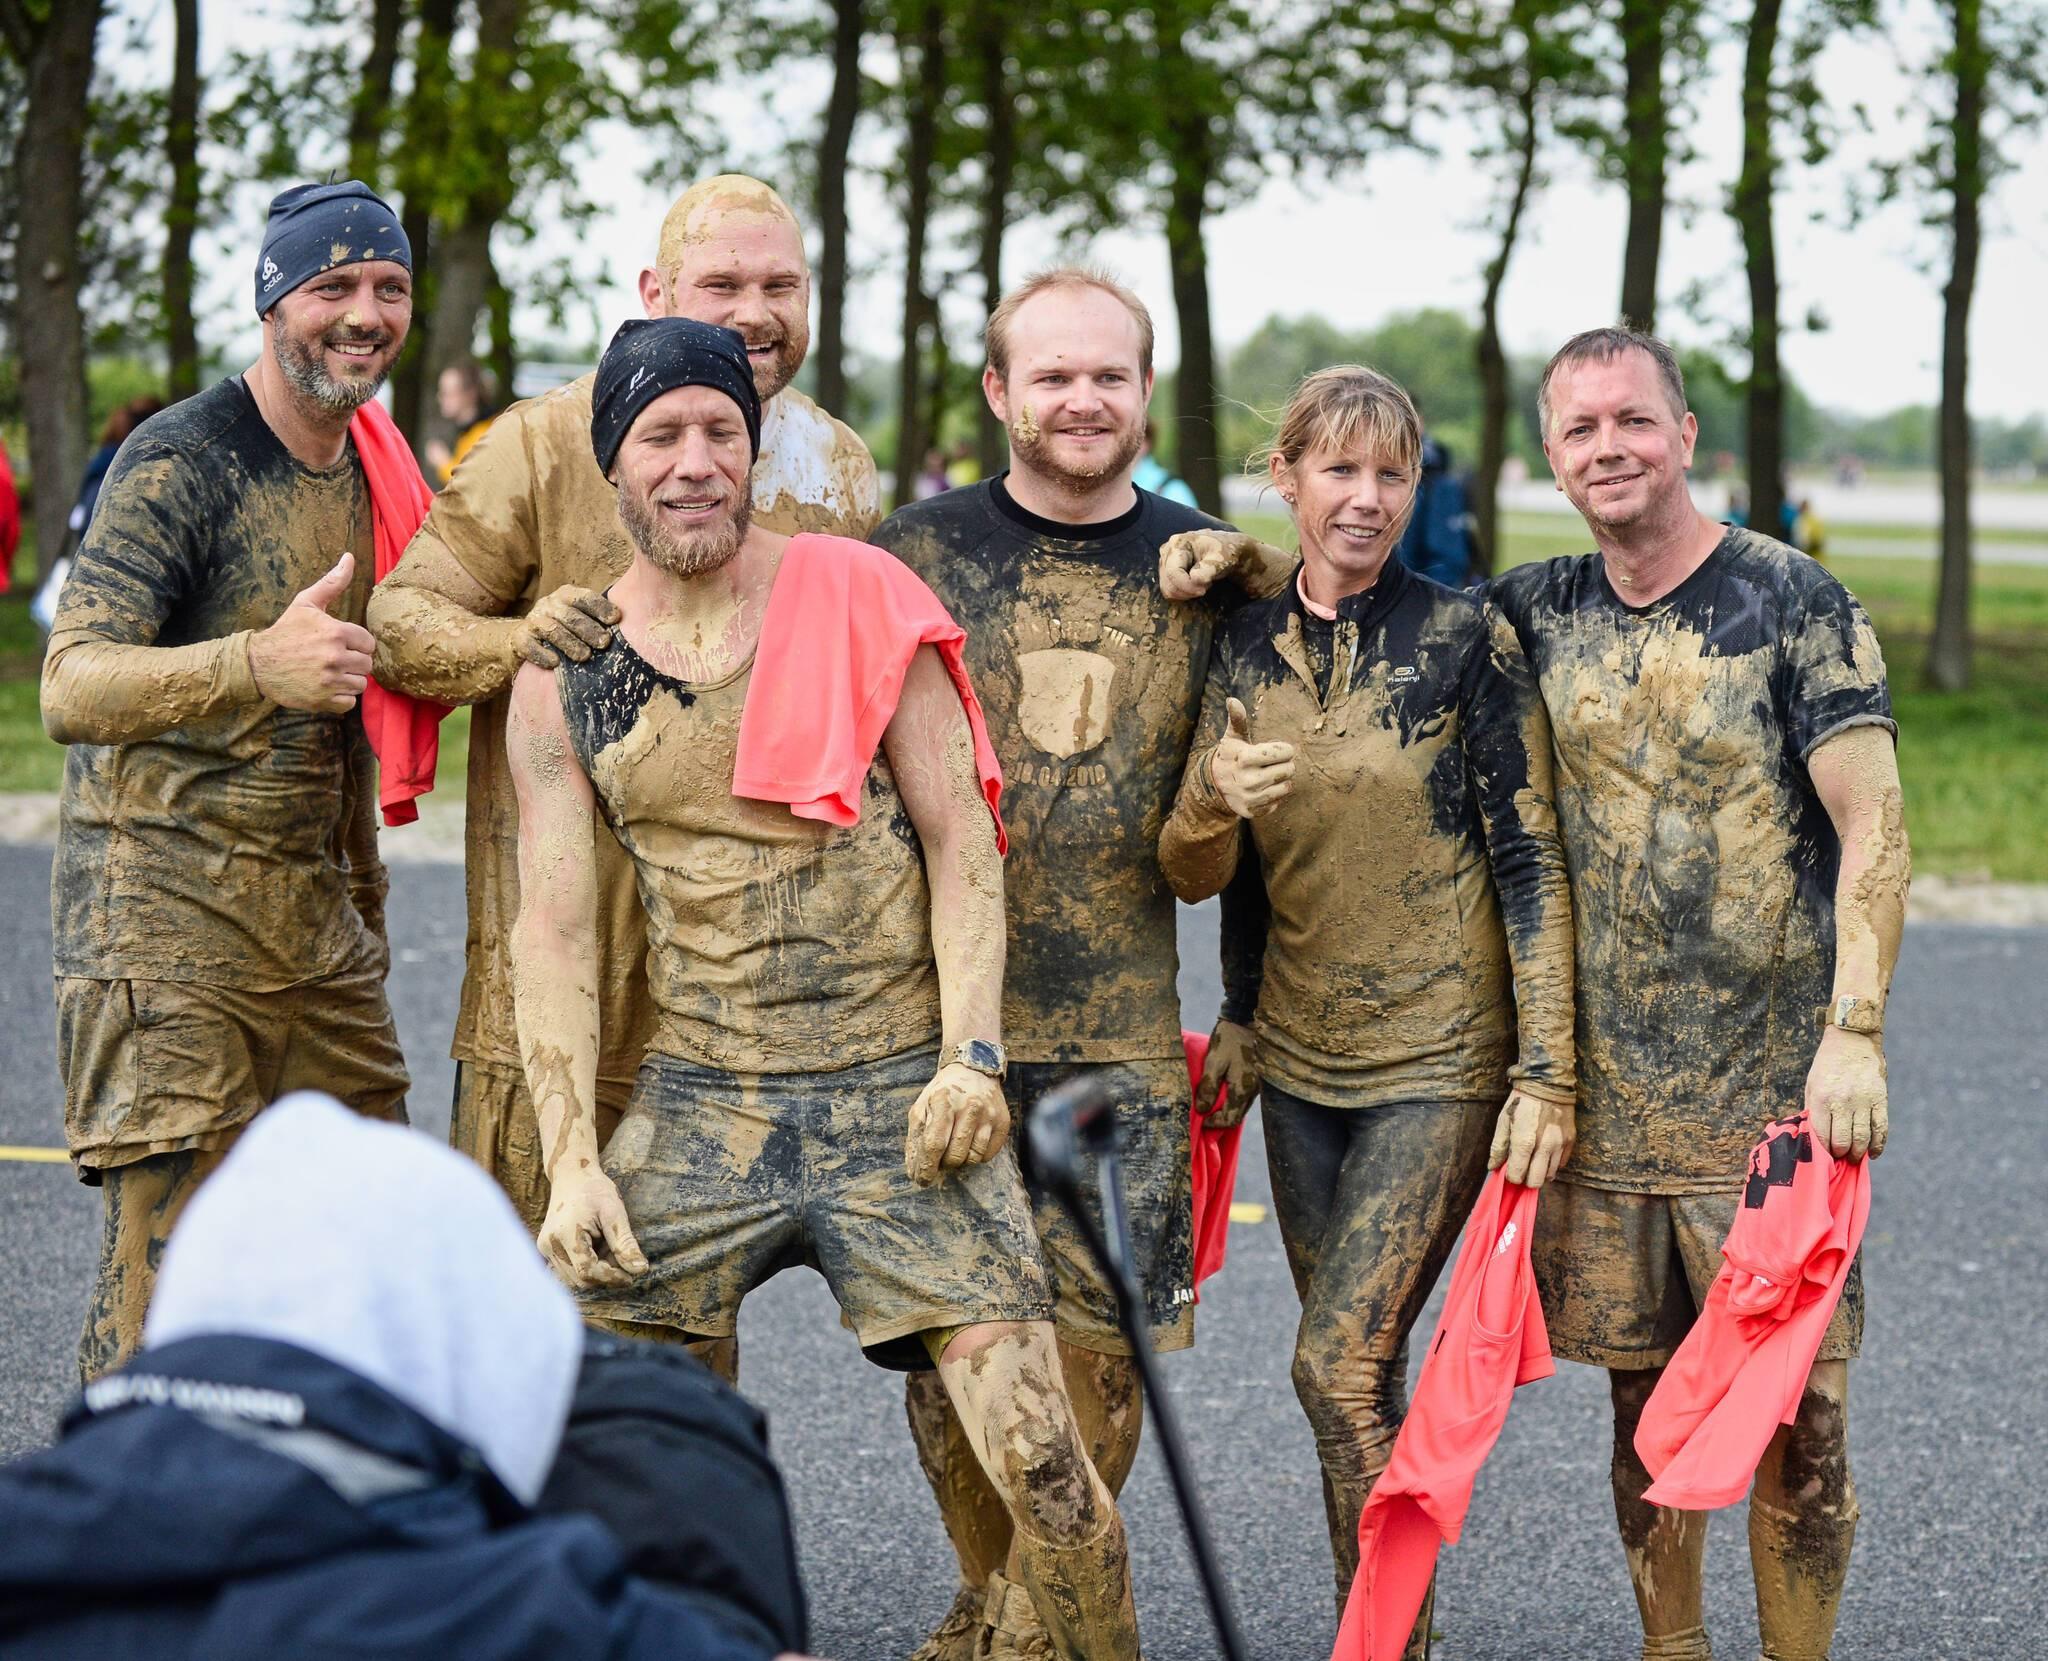 Weeze Mud Masters 2021